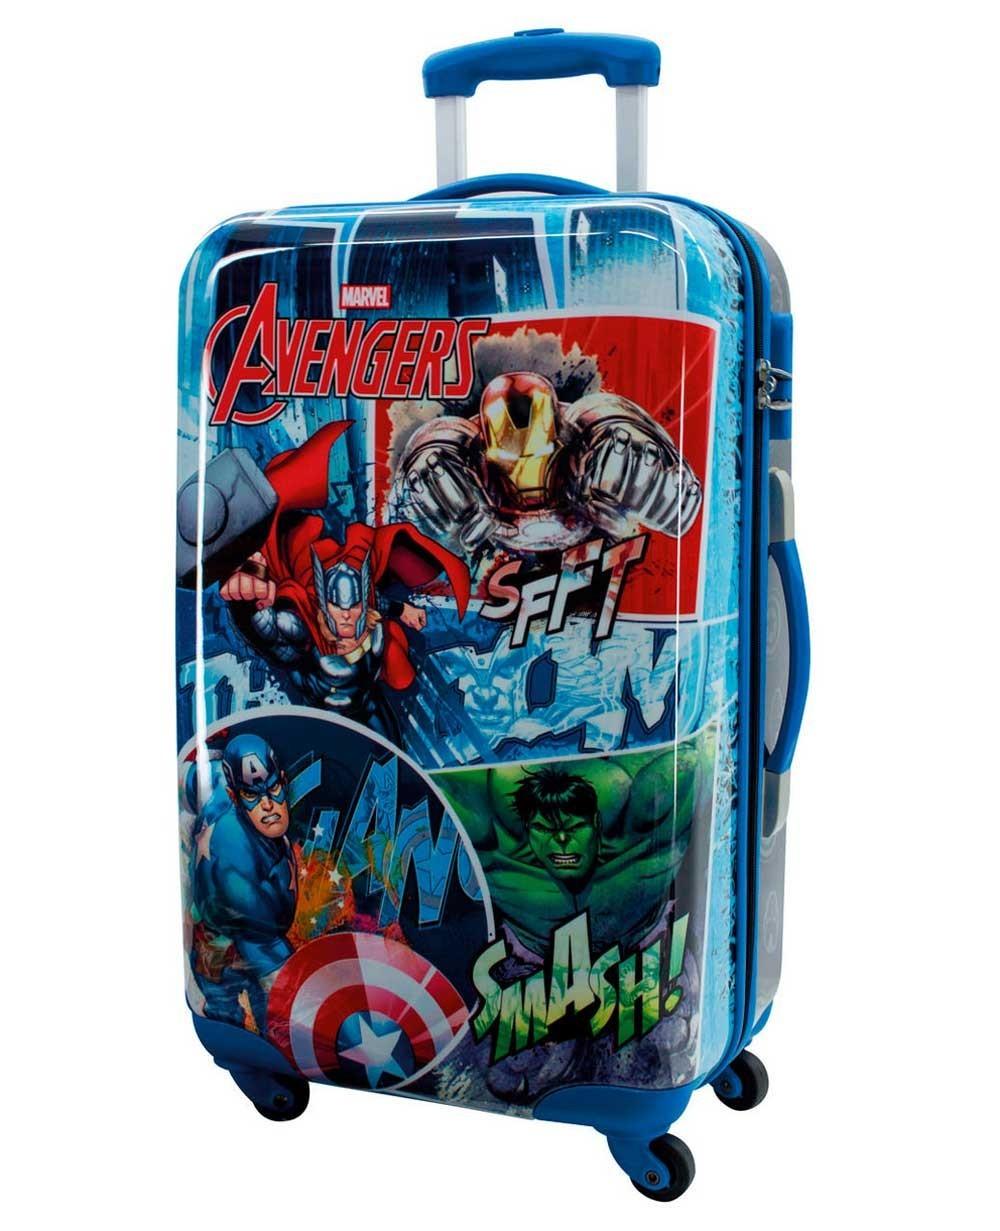 Marvel Avengers Street Maleta mediana Azul